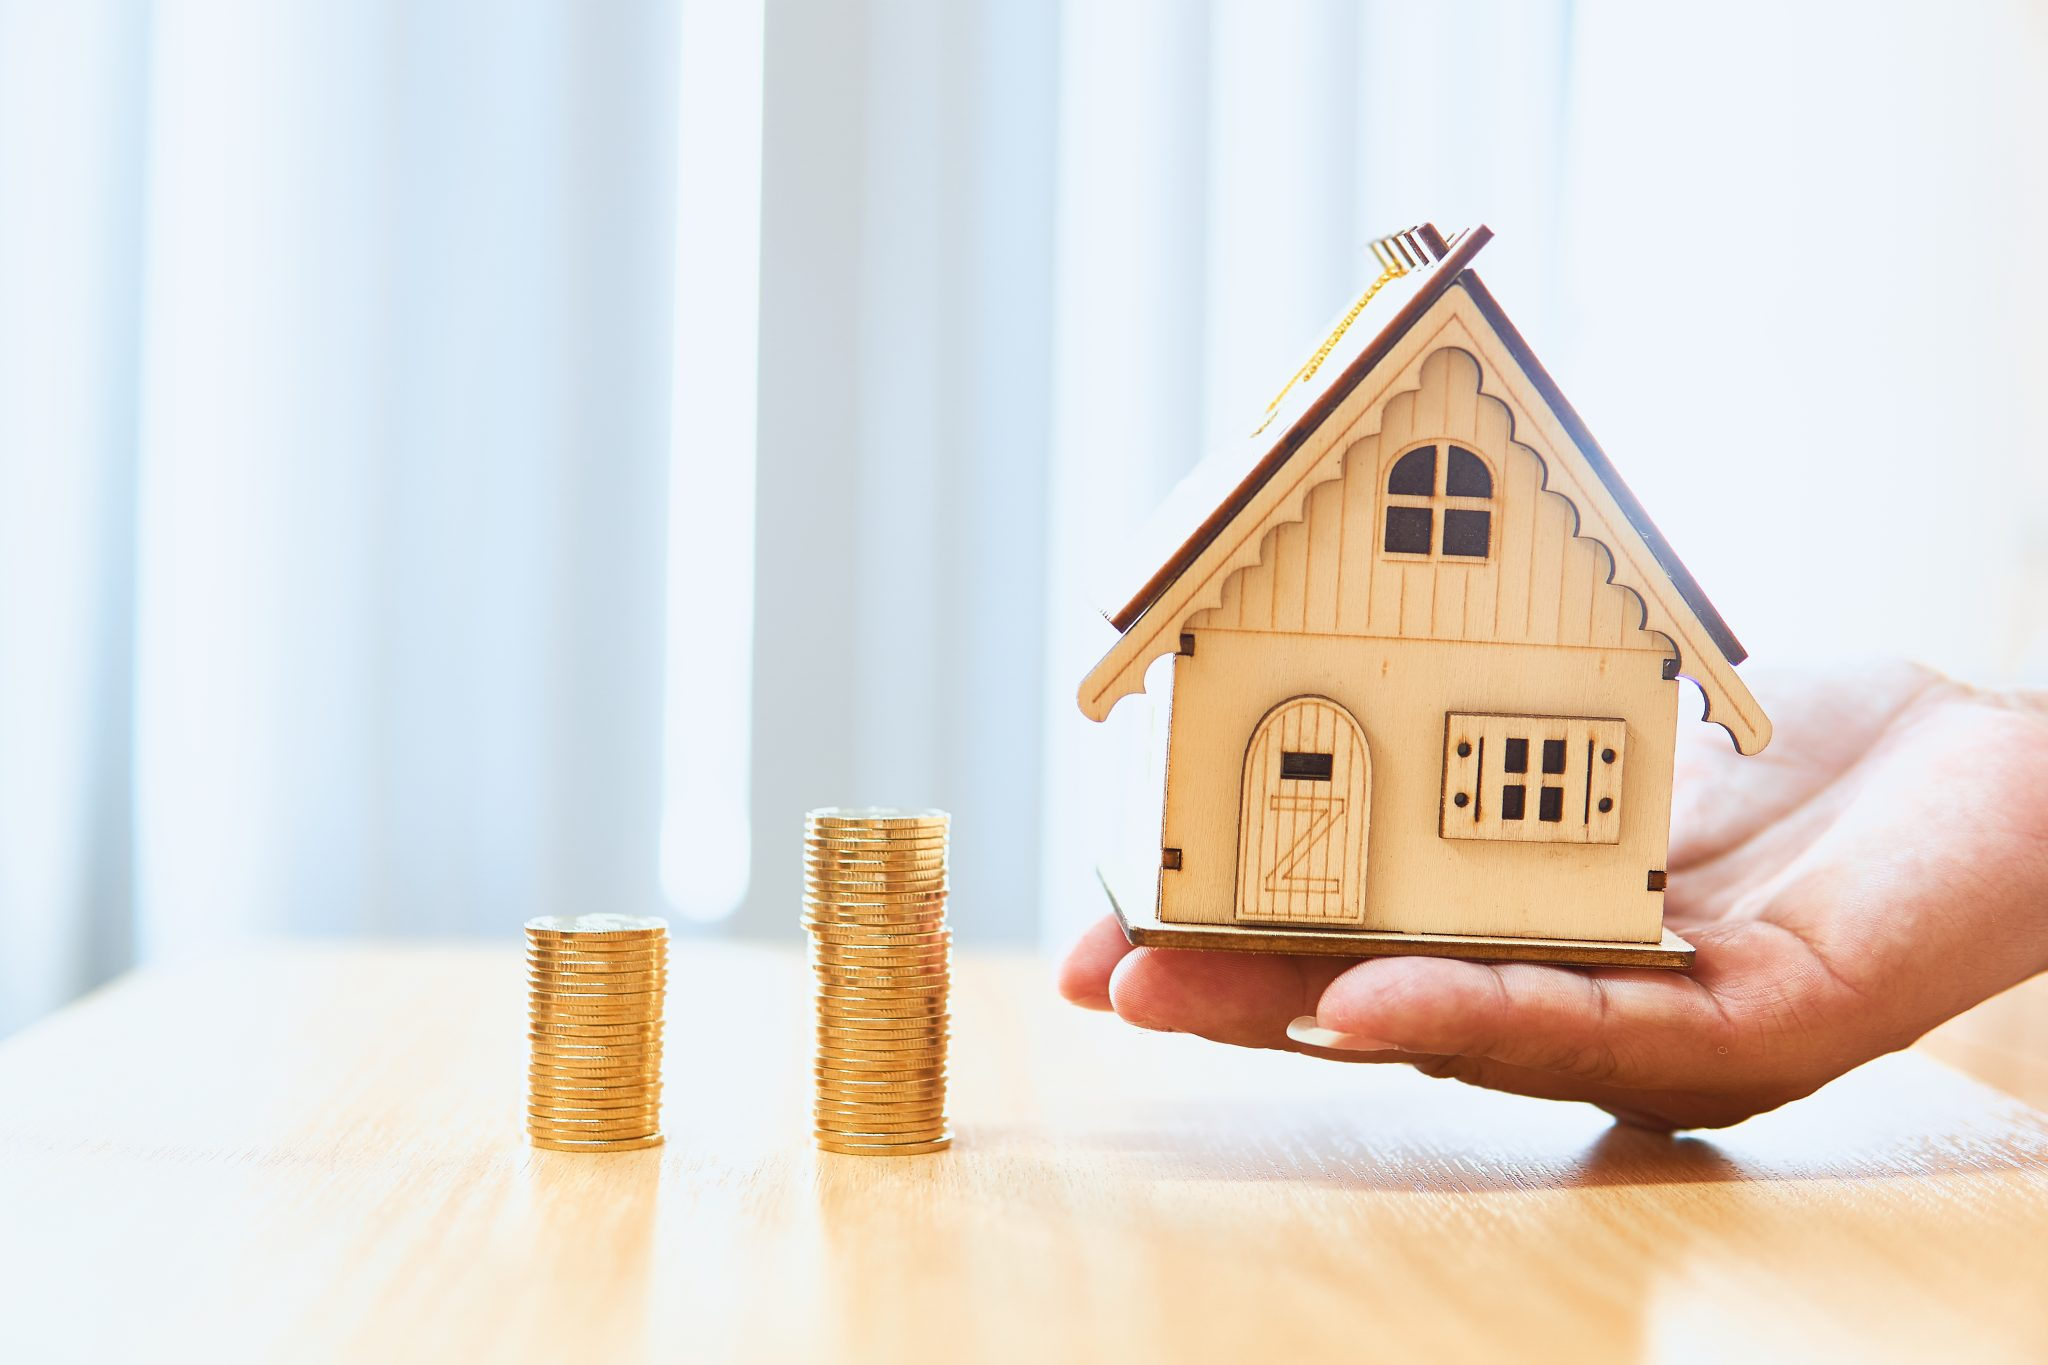 รูปภายในบทความกู้ซื้อบ้าน